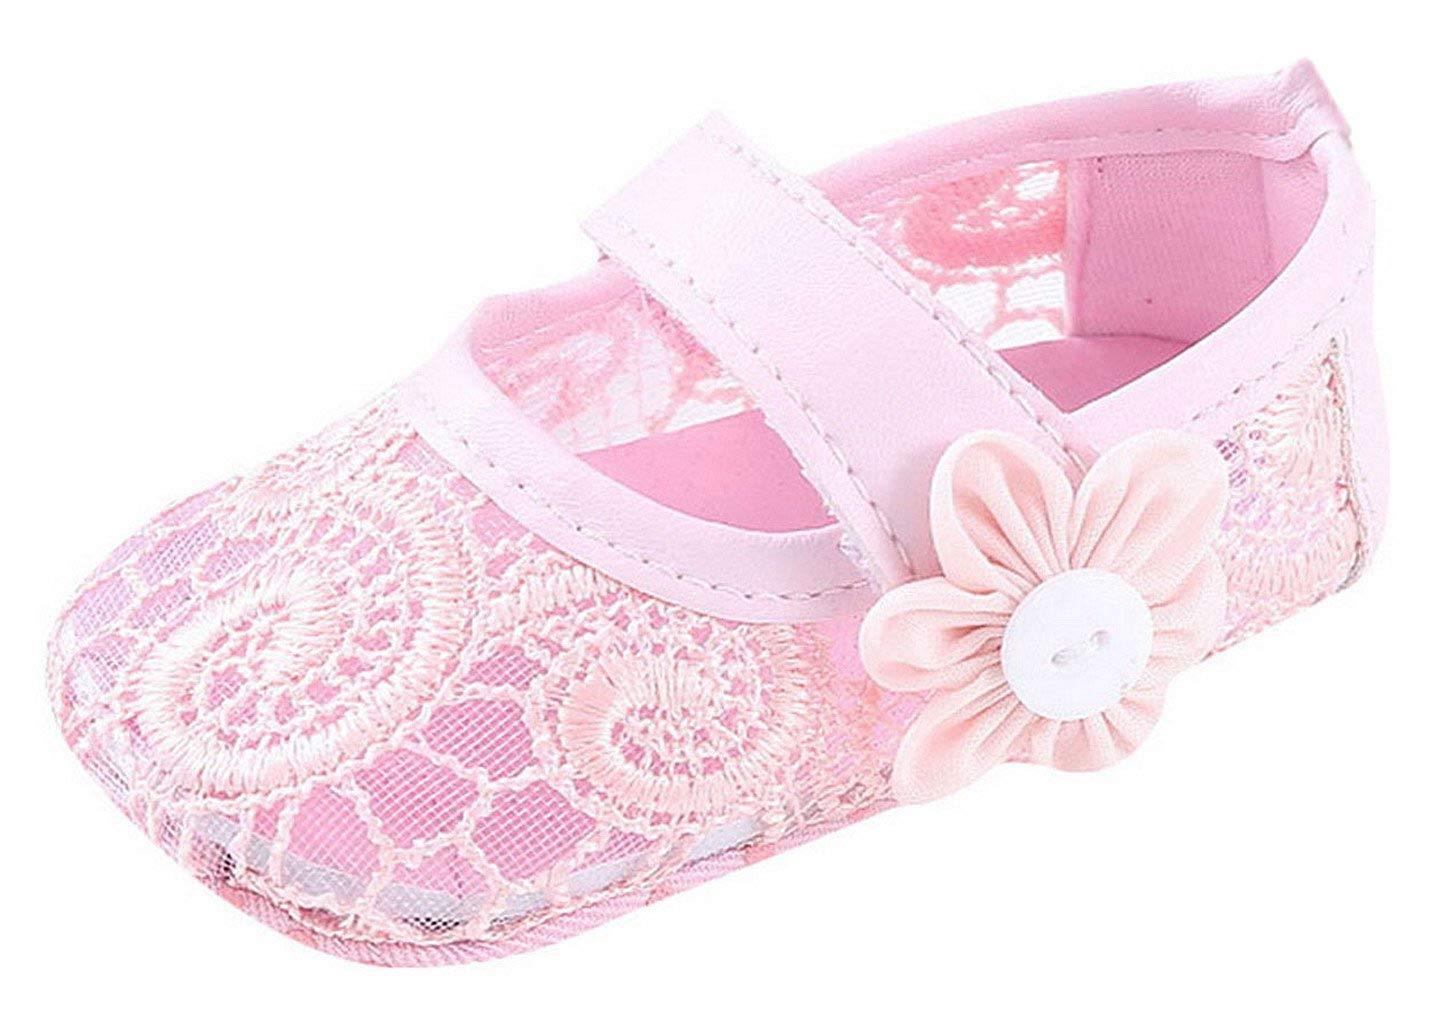 bff35e1d831 Get Quotations · La Vogue Baby Girl Soft Sole Crib Shoes Flower Lace Shoes  Toddler Prewalker